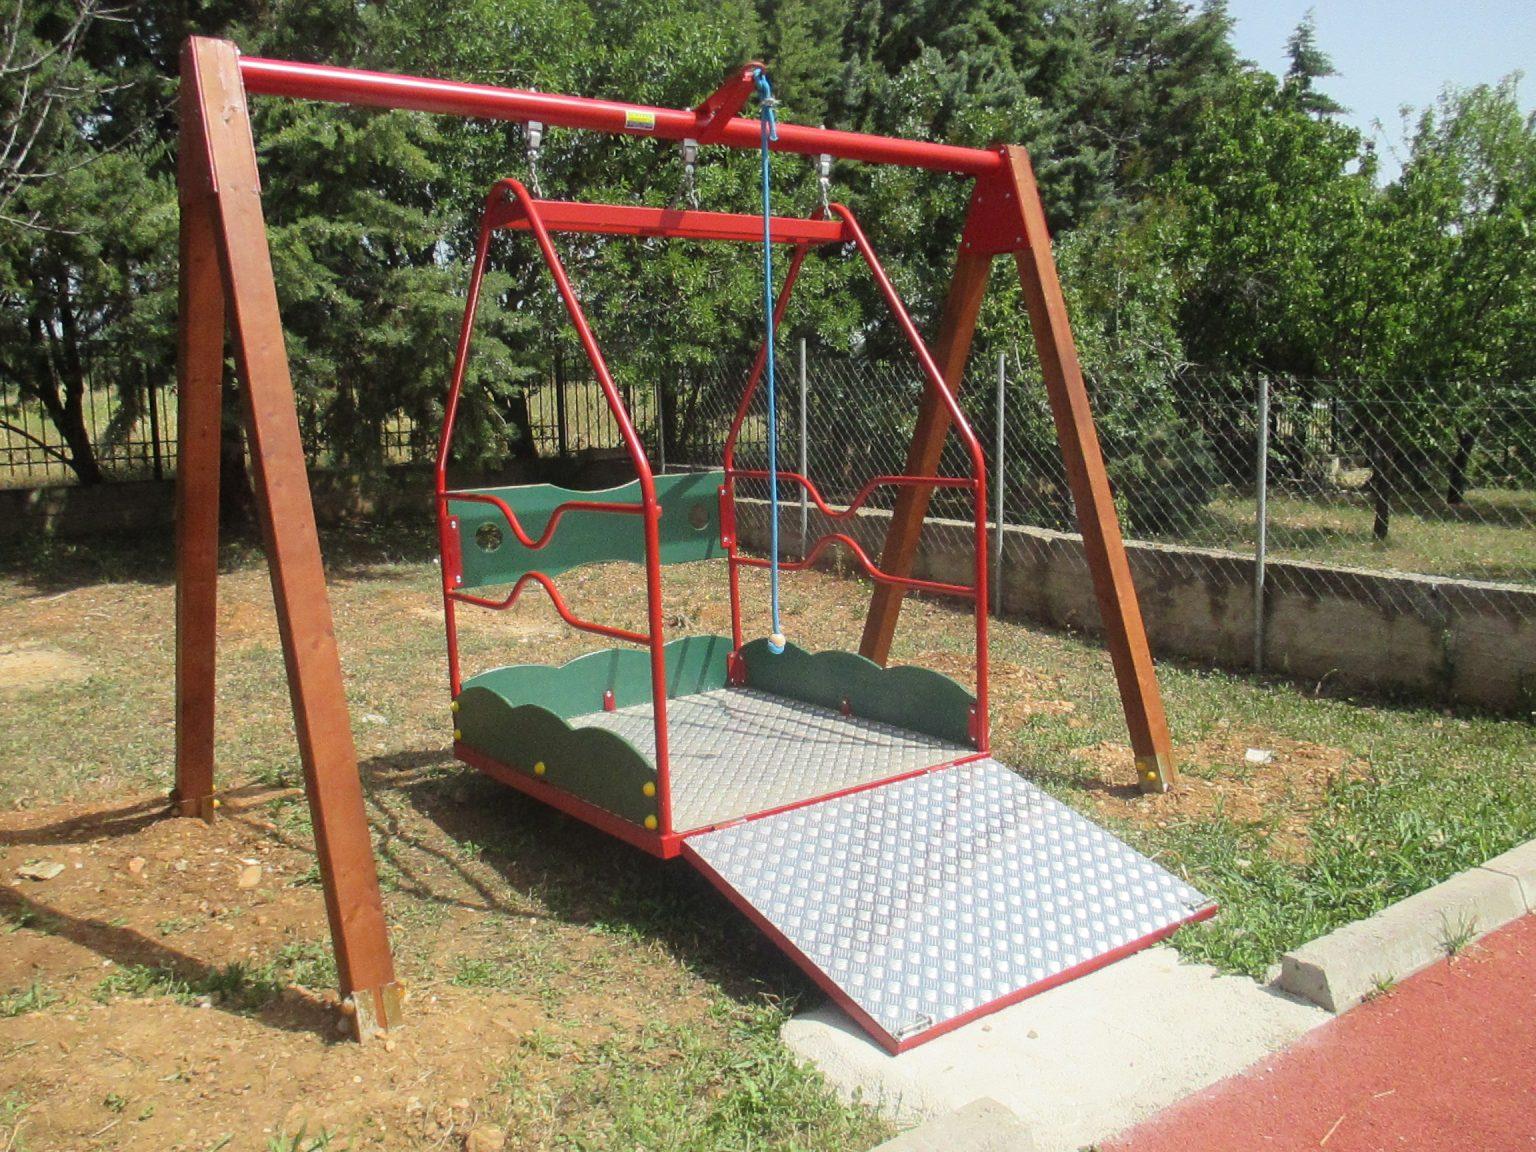 Το Ειδικό Δημοτικό Σχολείο Αλεξανδρούπολης απέκτησε κούνια για μαθητές που κινούνται με αναπηρικό αμαξίδιο